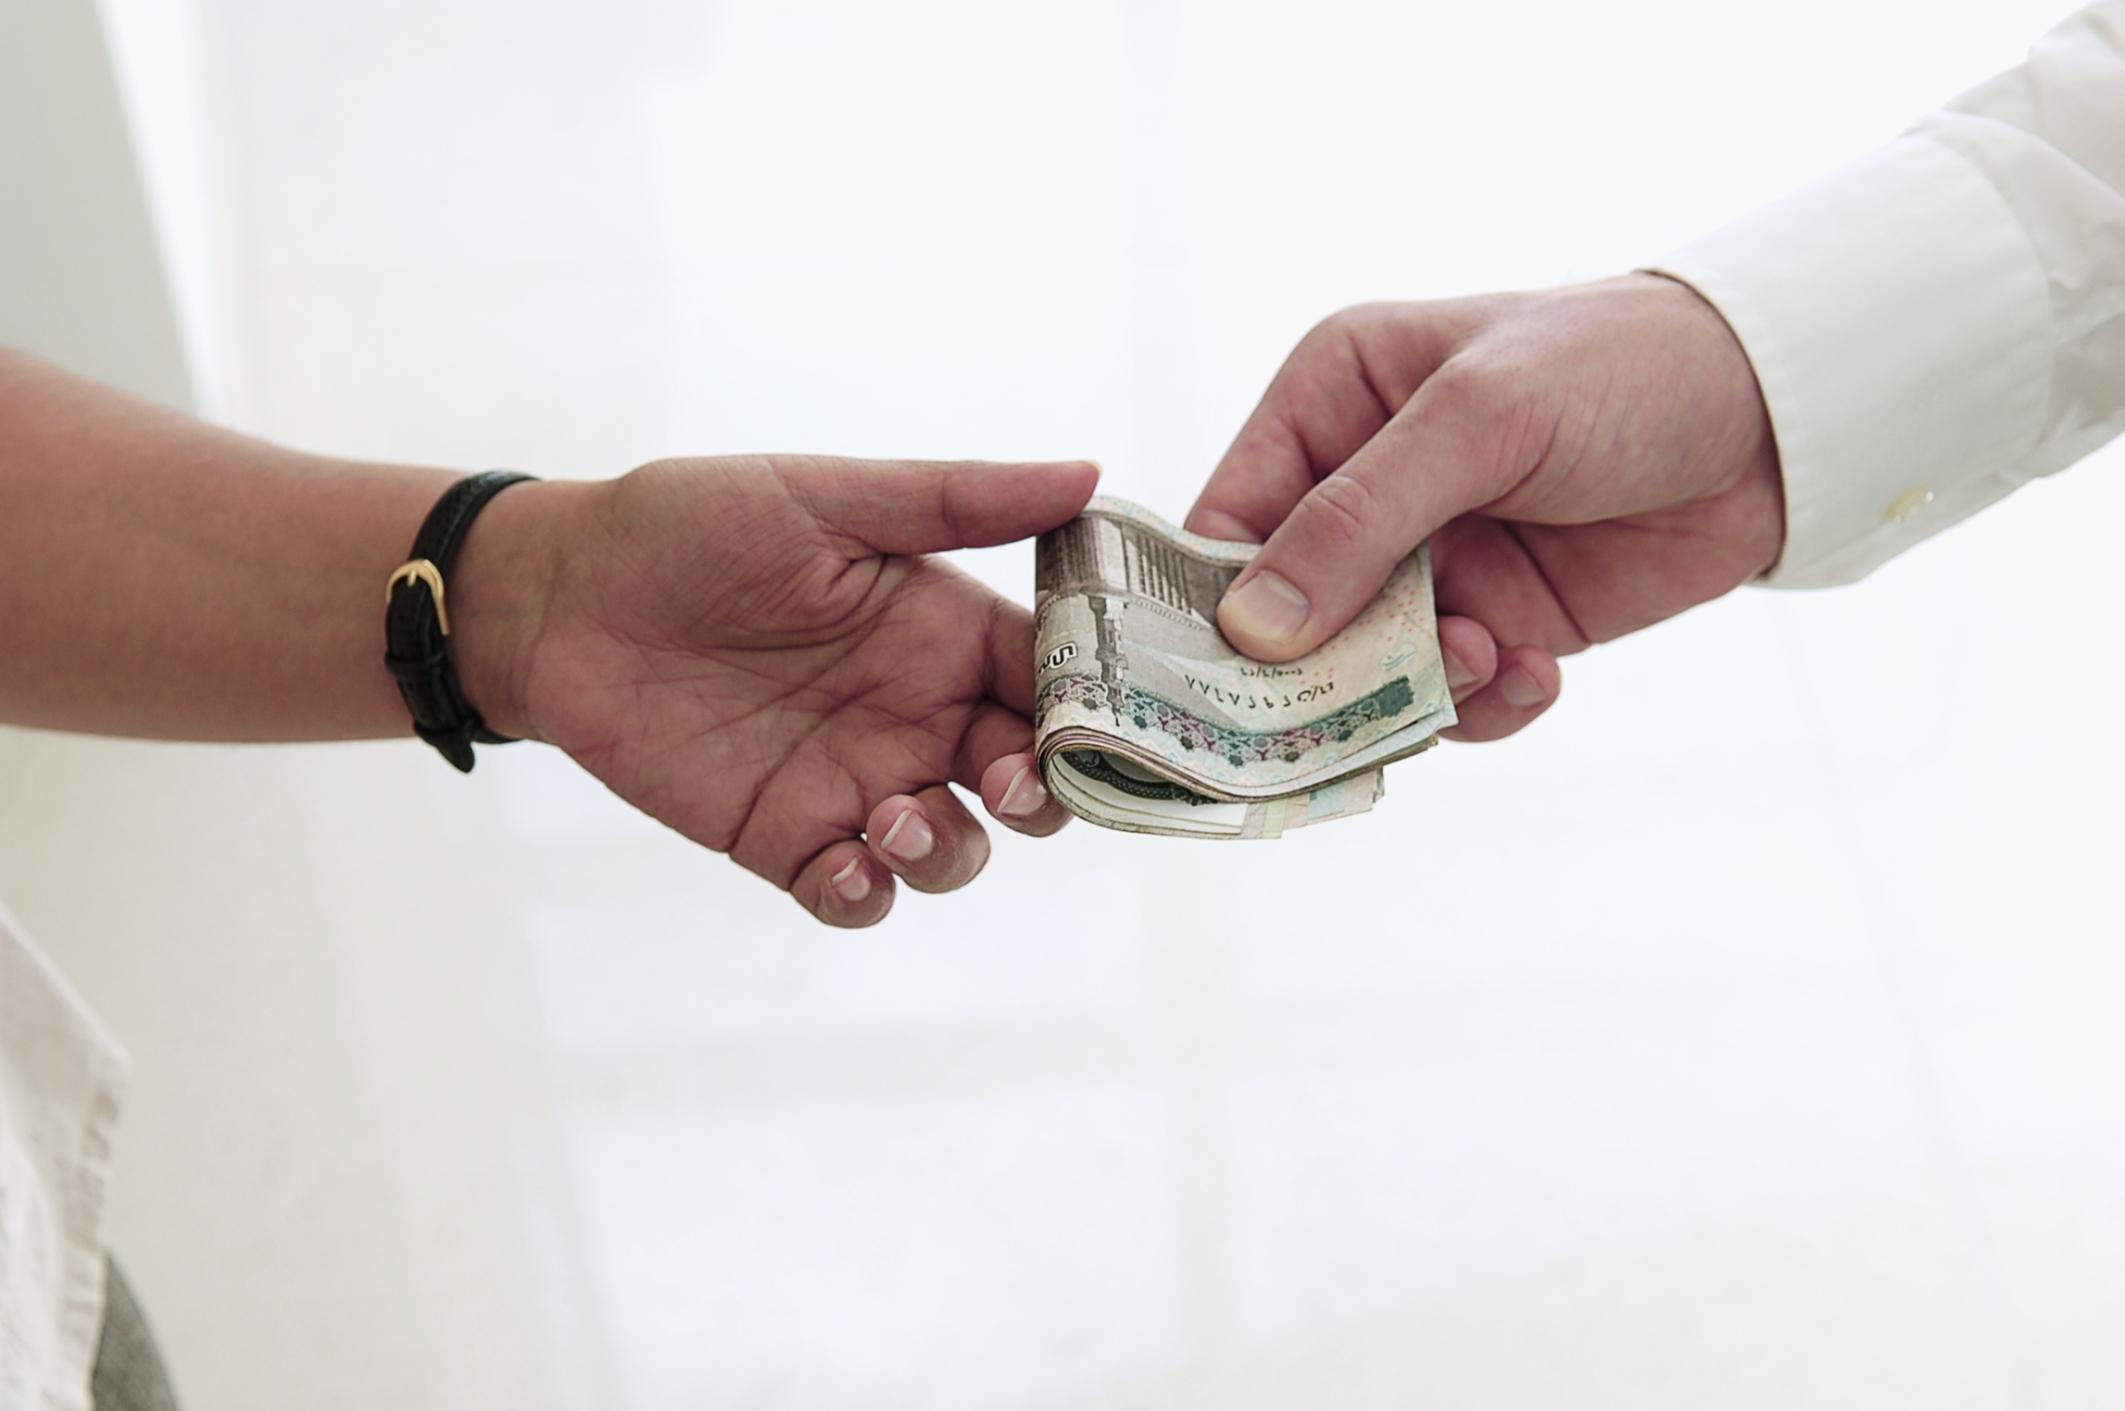 срочный займ по паспорту 300000 без отказа может ли банк выдать кредит без лицензии